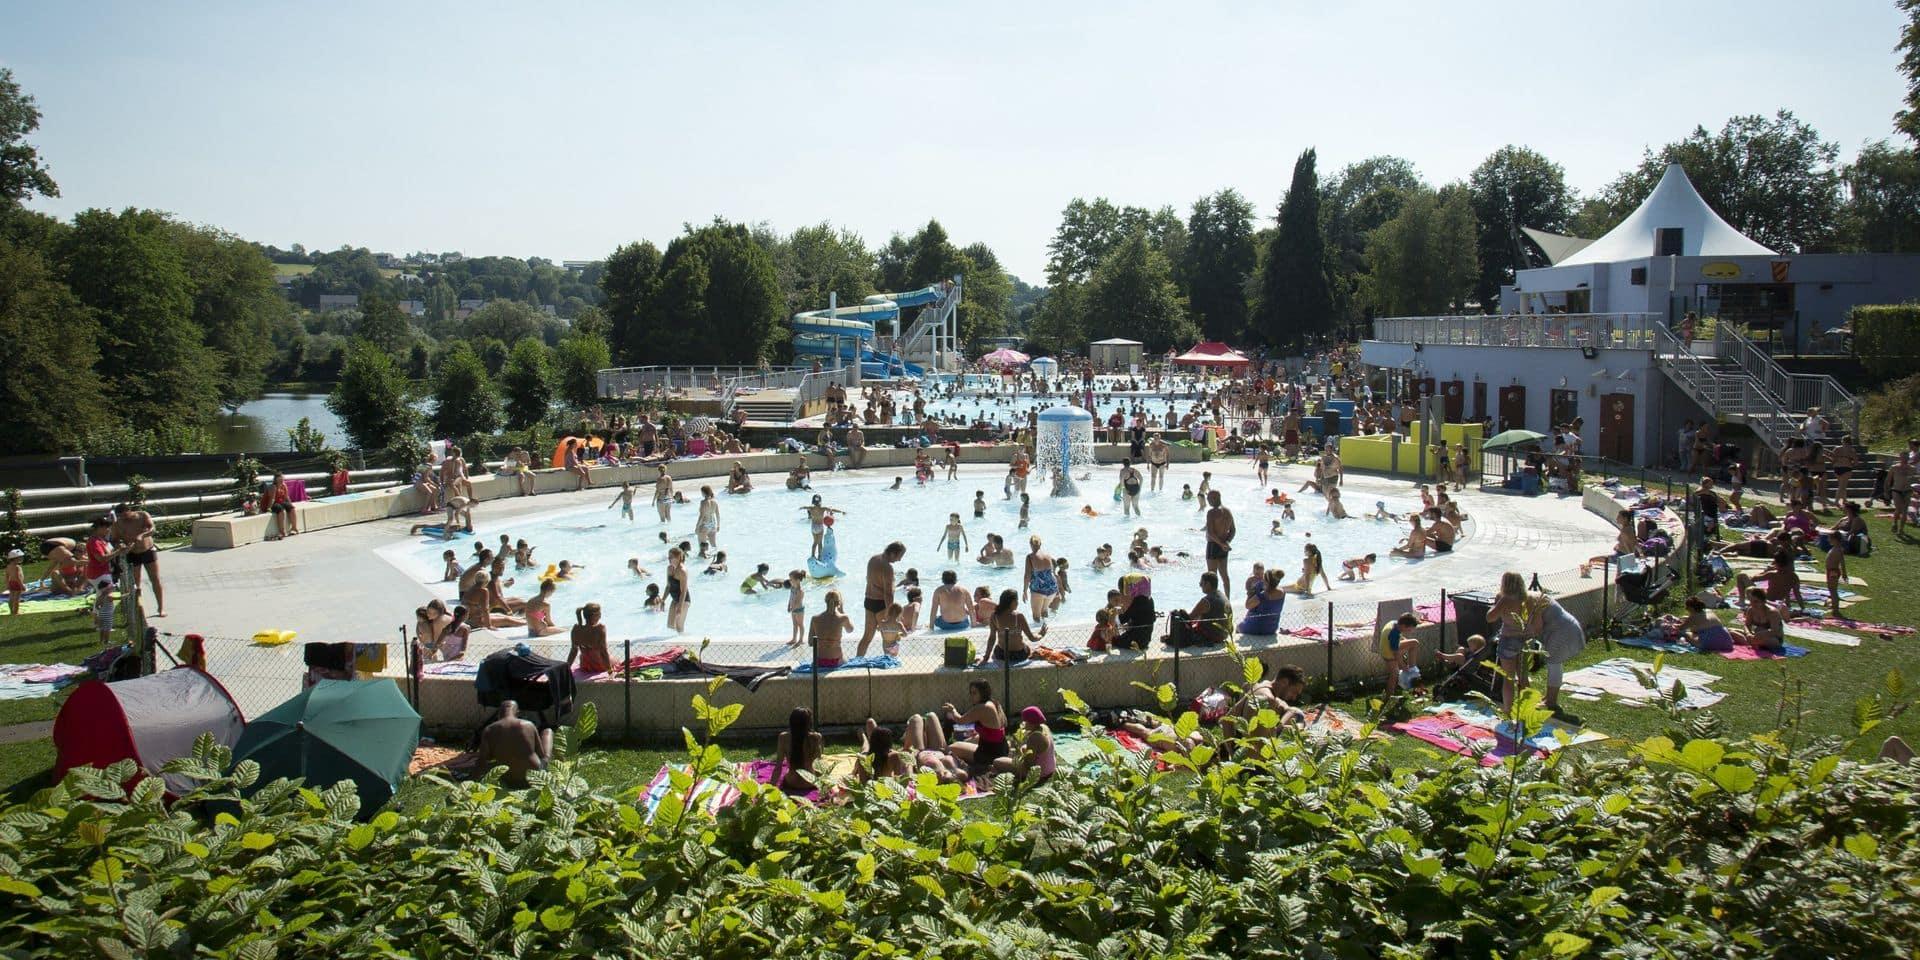 La piscine ouverte pour tous au Domaine de Wégimont